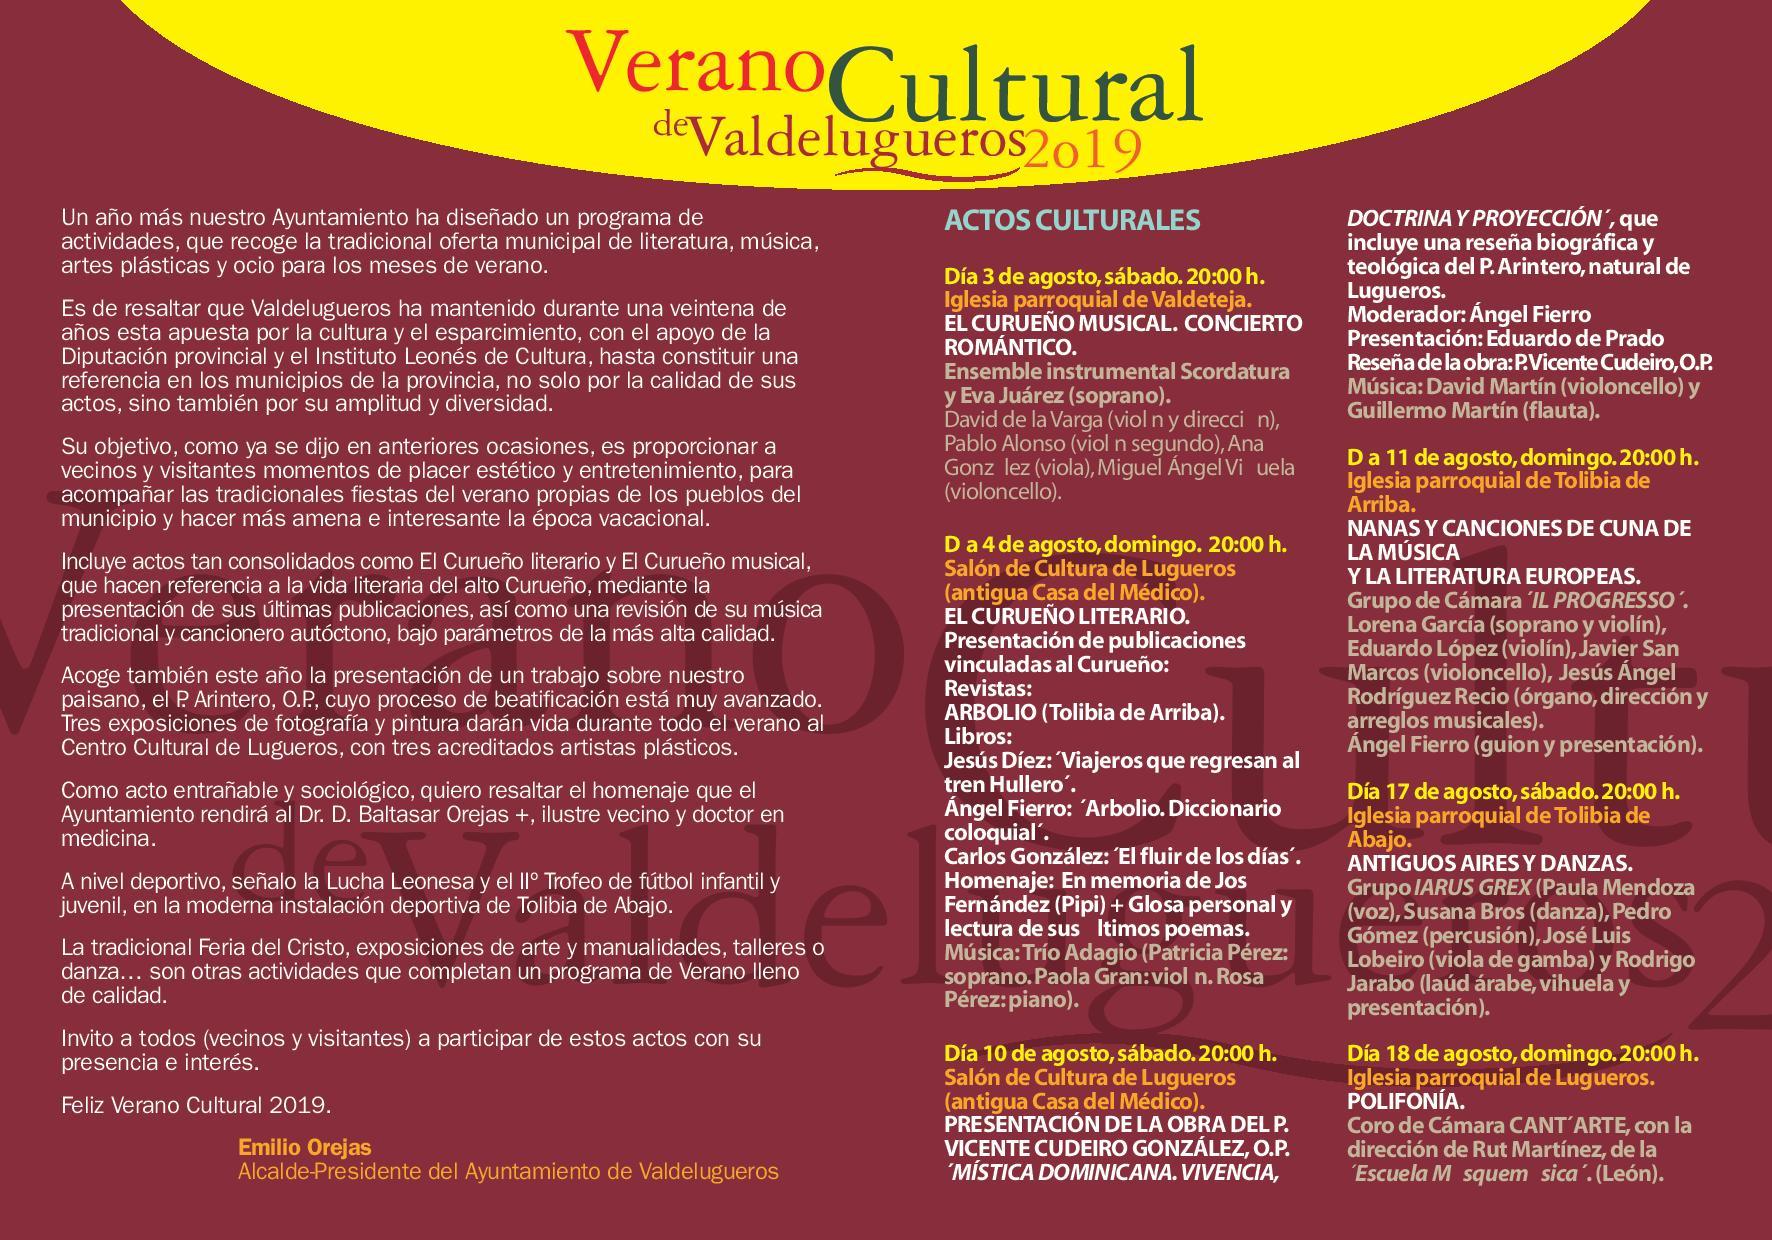 Valdelugueros. Díptico Verano Cultural 2019 (002)-page-002